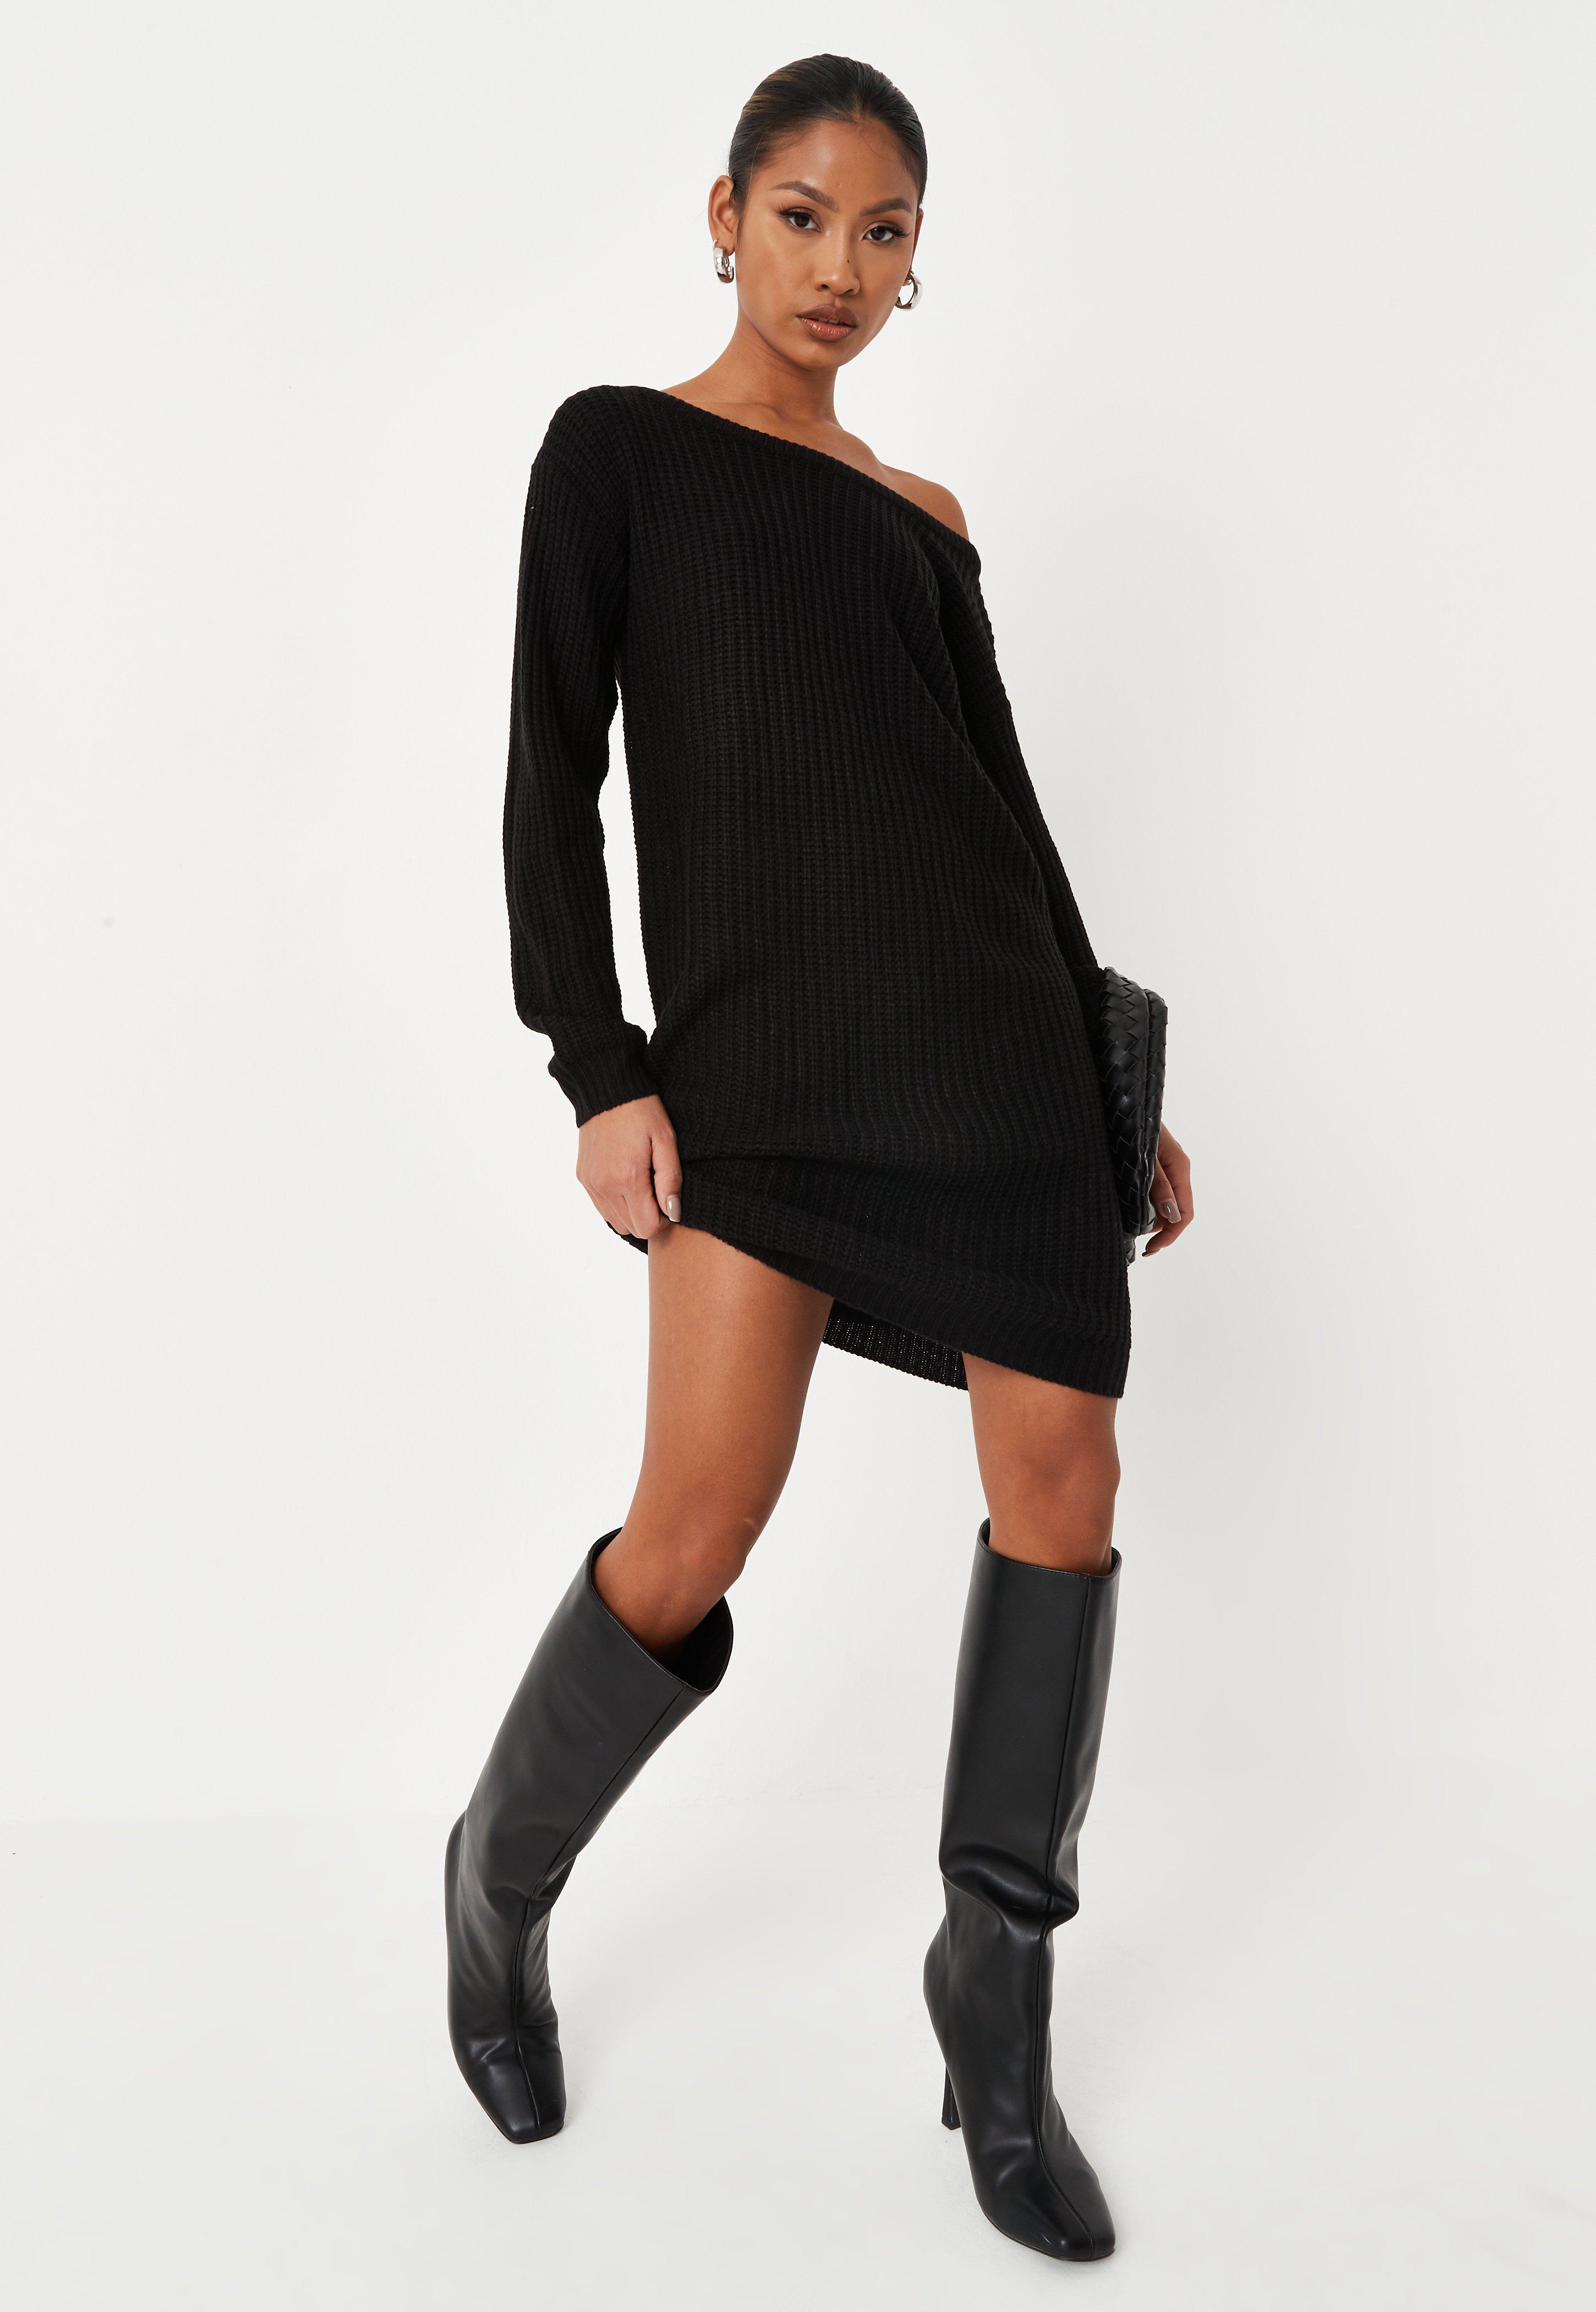 bf70e32c3cfe6 Black Off The Shoulder Knitted Jumper Dress